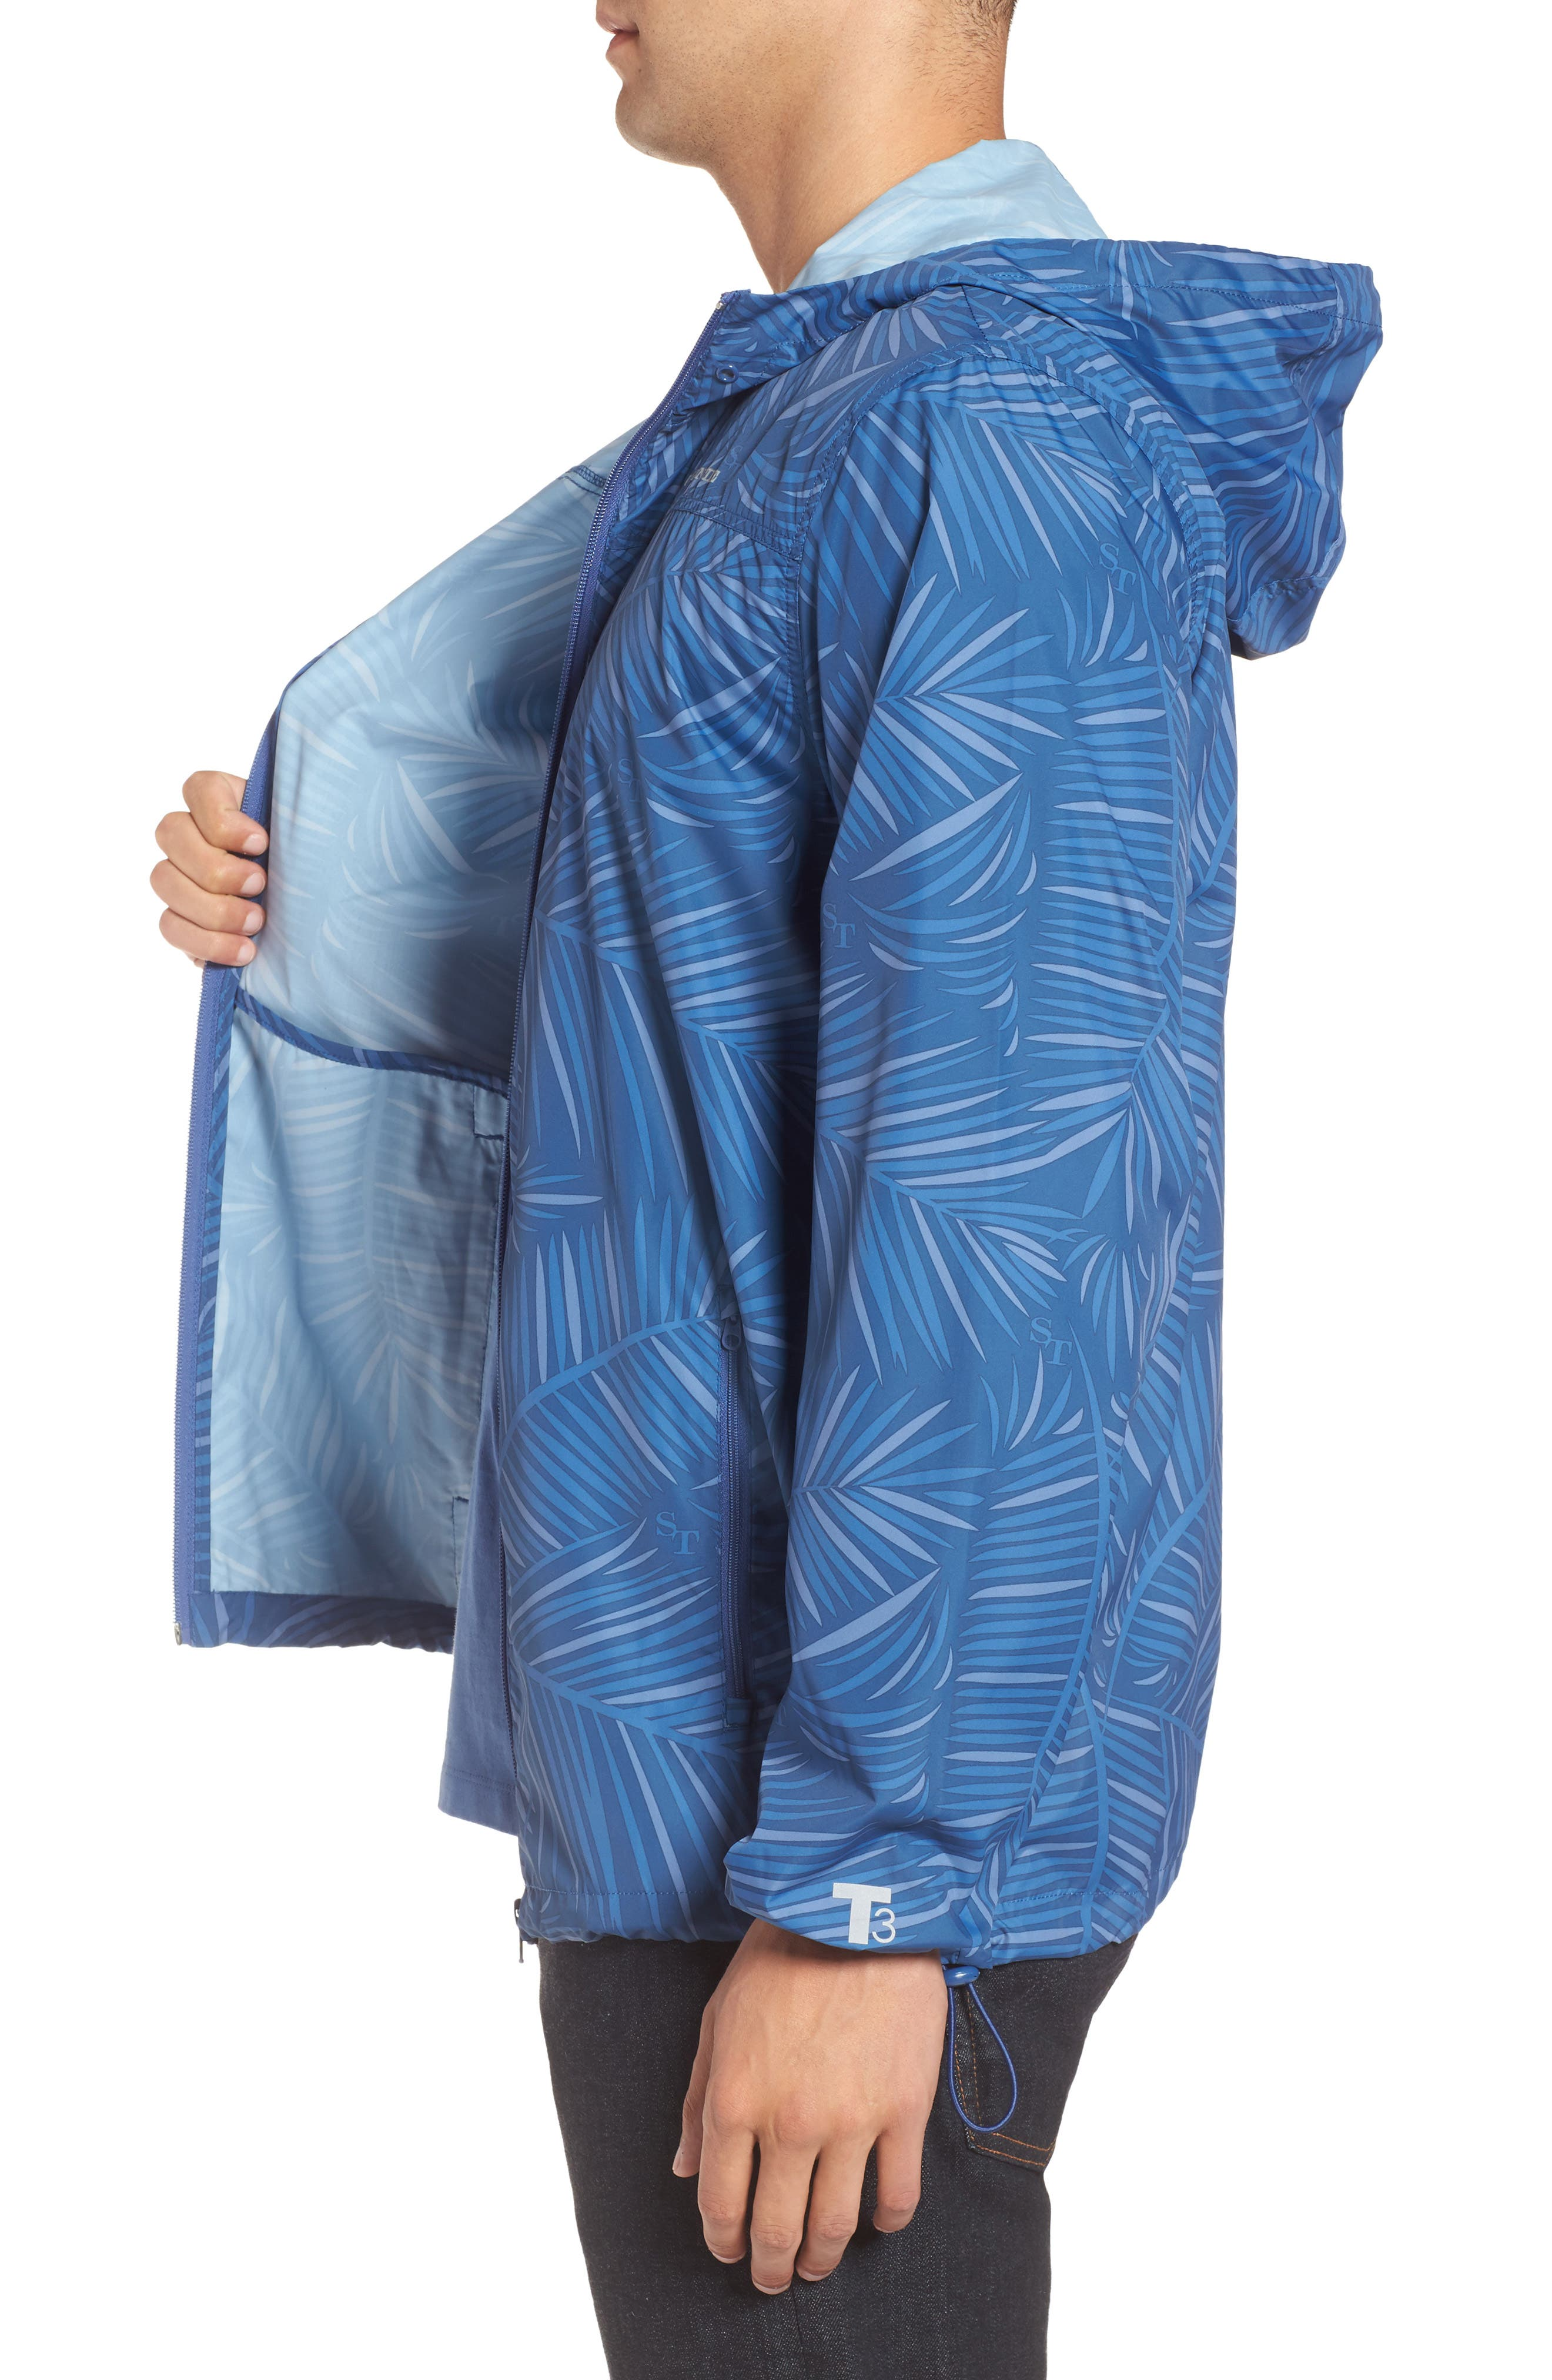 Pelican Peak Full Zip Hooded Jacket,                             Alternate thumbnail 3, color,                             Seven Seas Blue